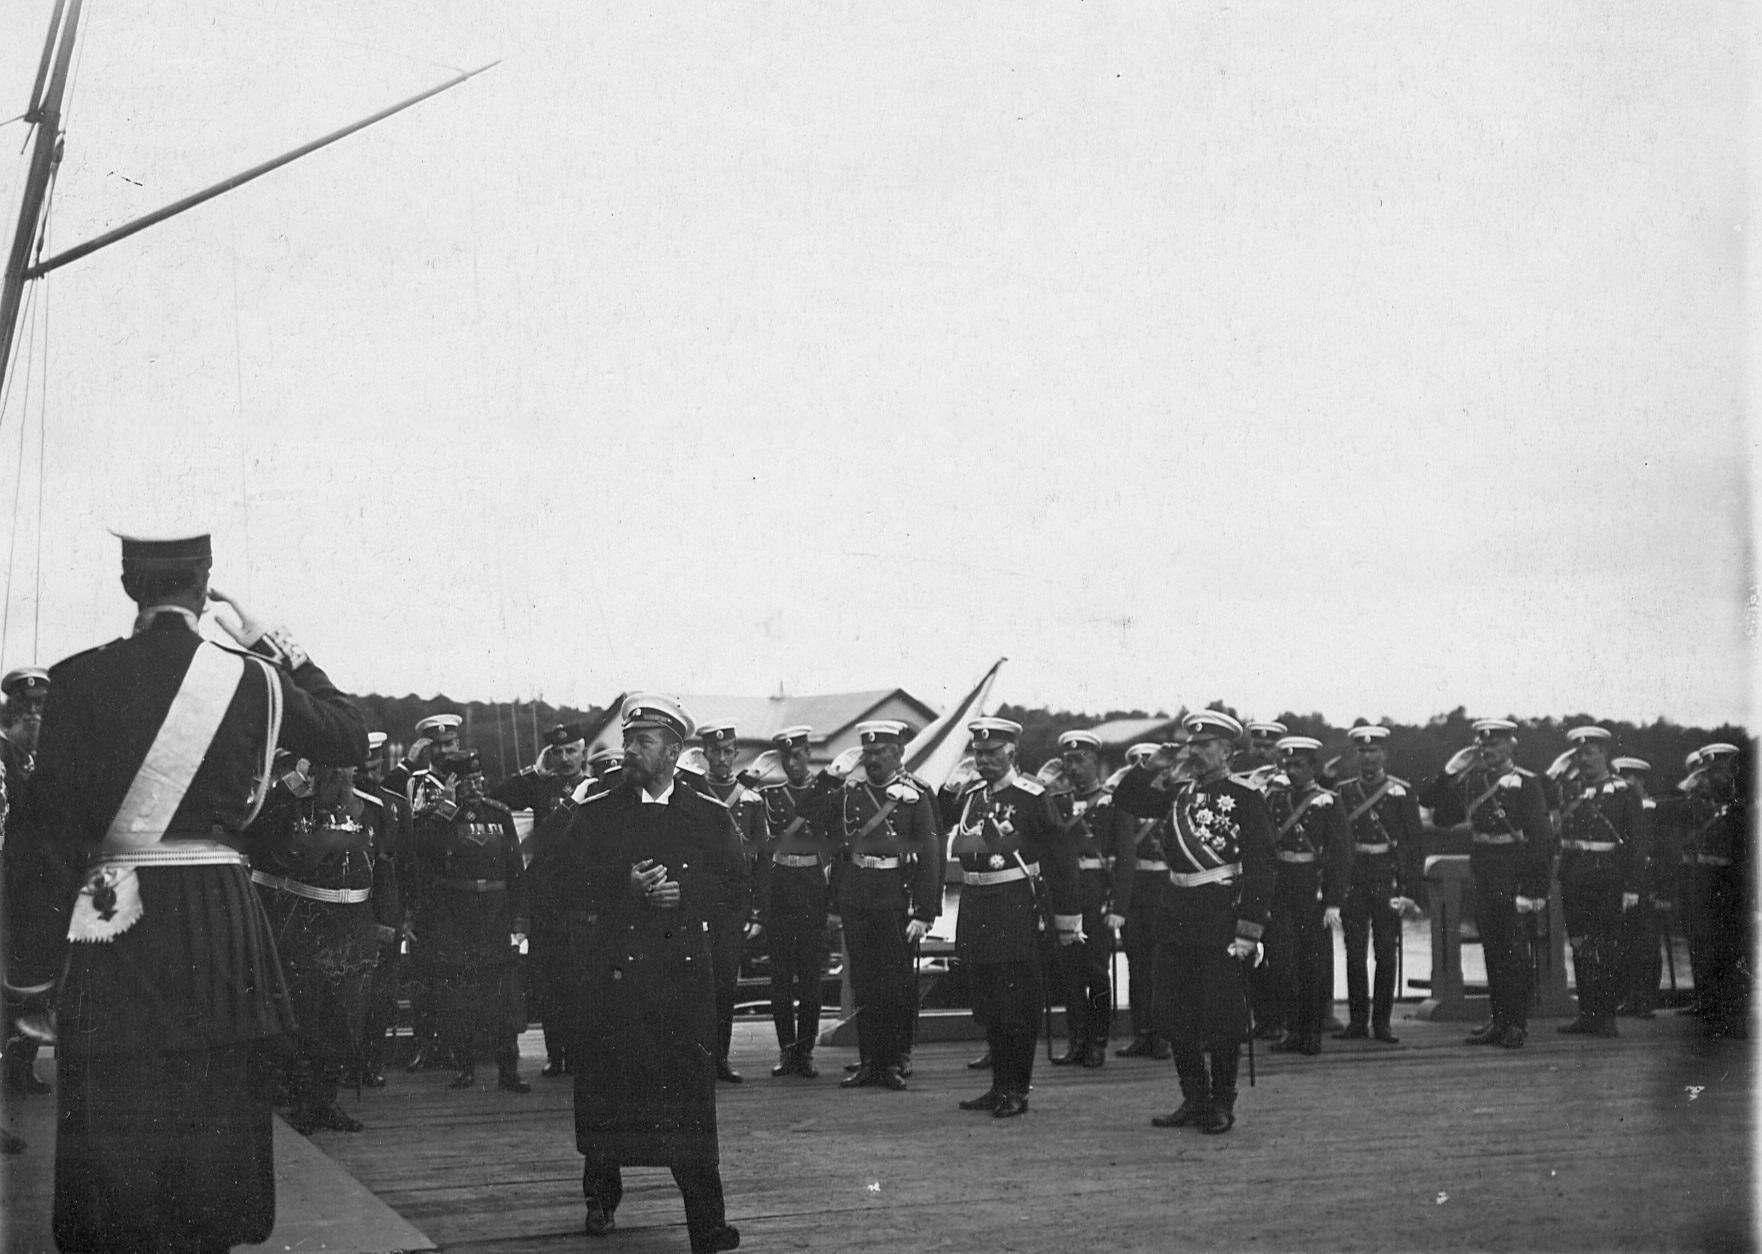 Батальон Уланского Её Величества лейб-гвардии полка встречает императора Николая II, прибывшего на яхте Штандарт